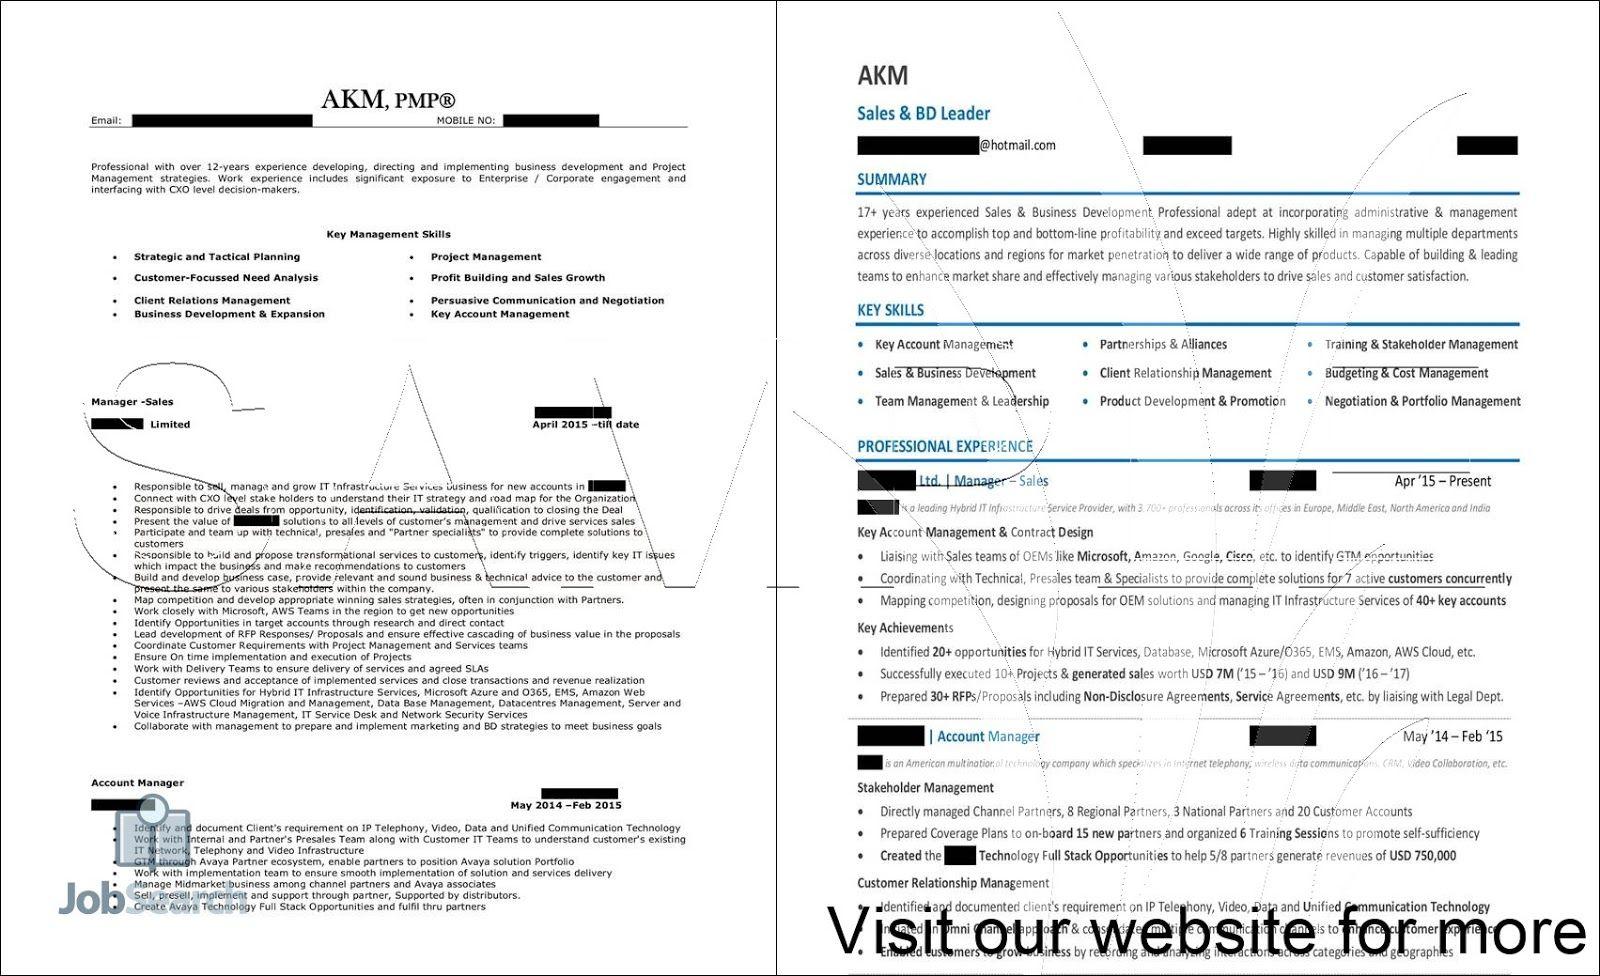 Sales Professional Resume Sample in 2020 Sales resume